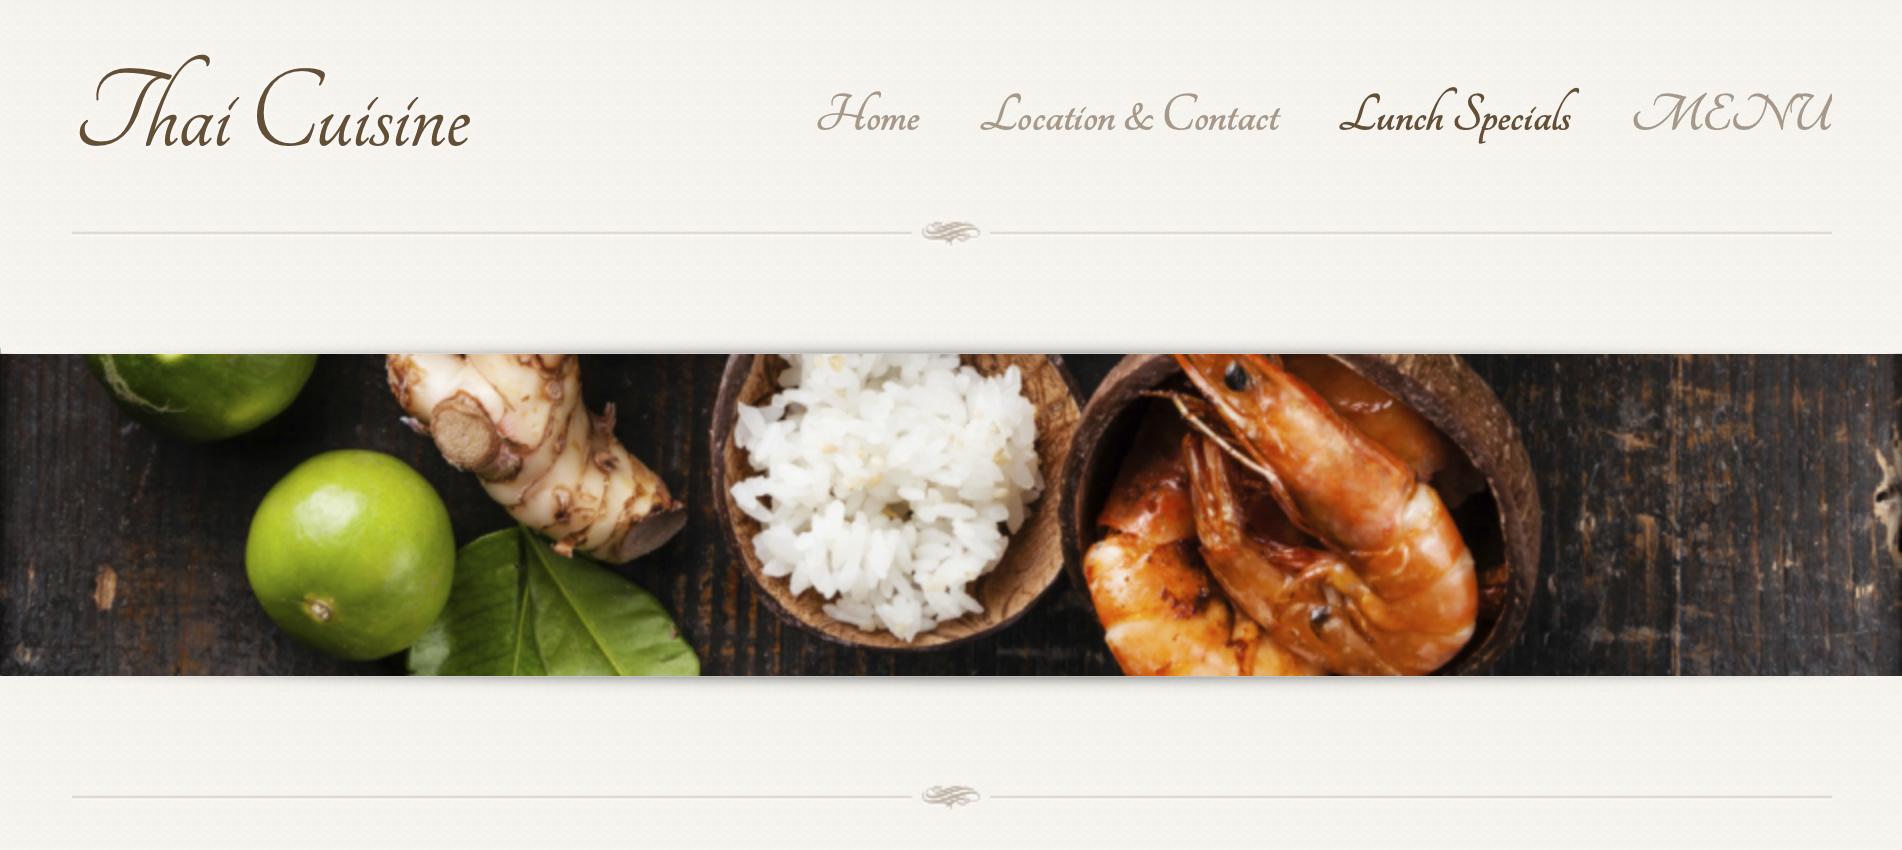 The Thai Cuisine restaurant website.